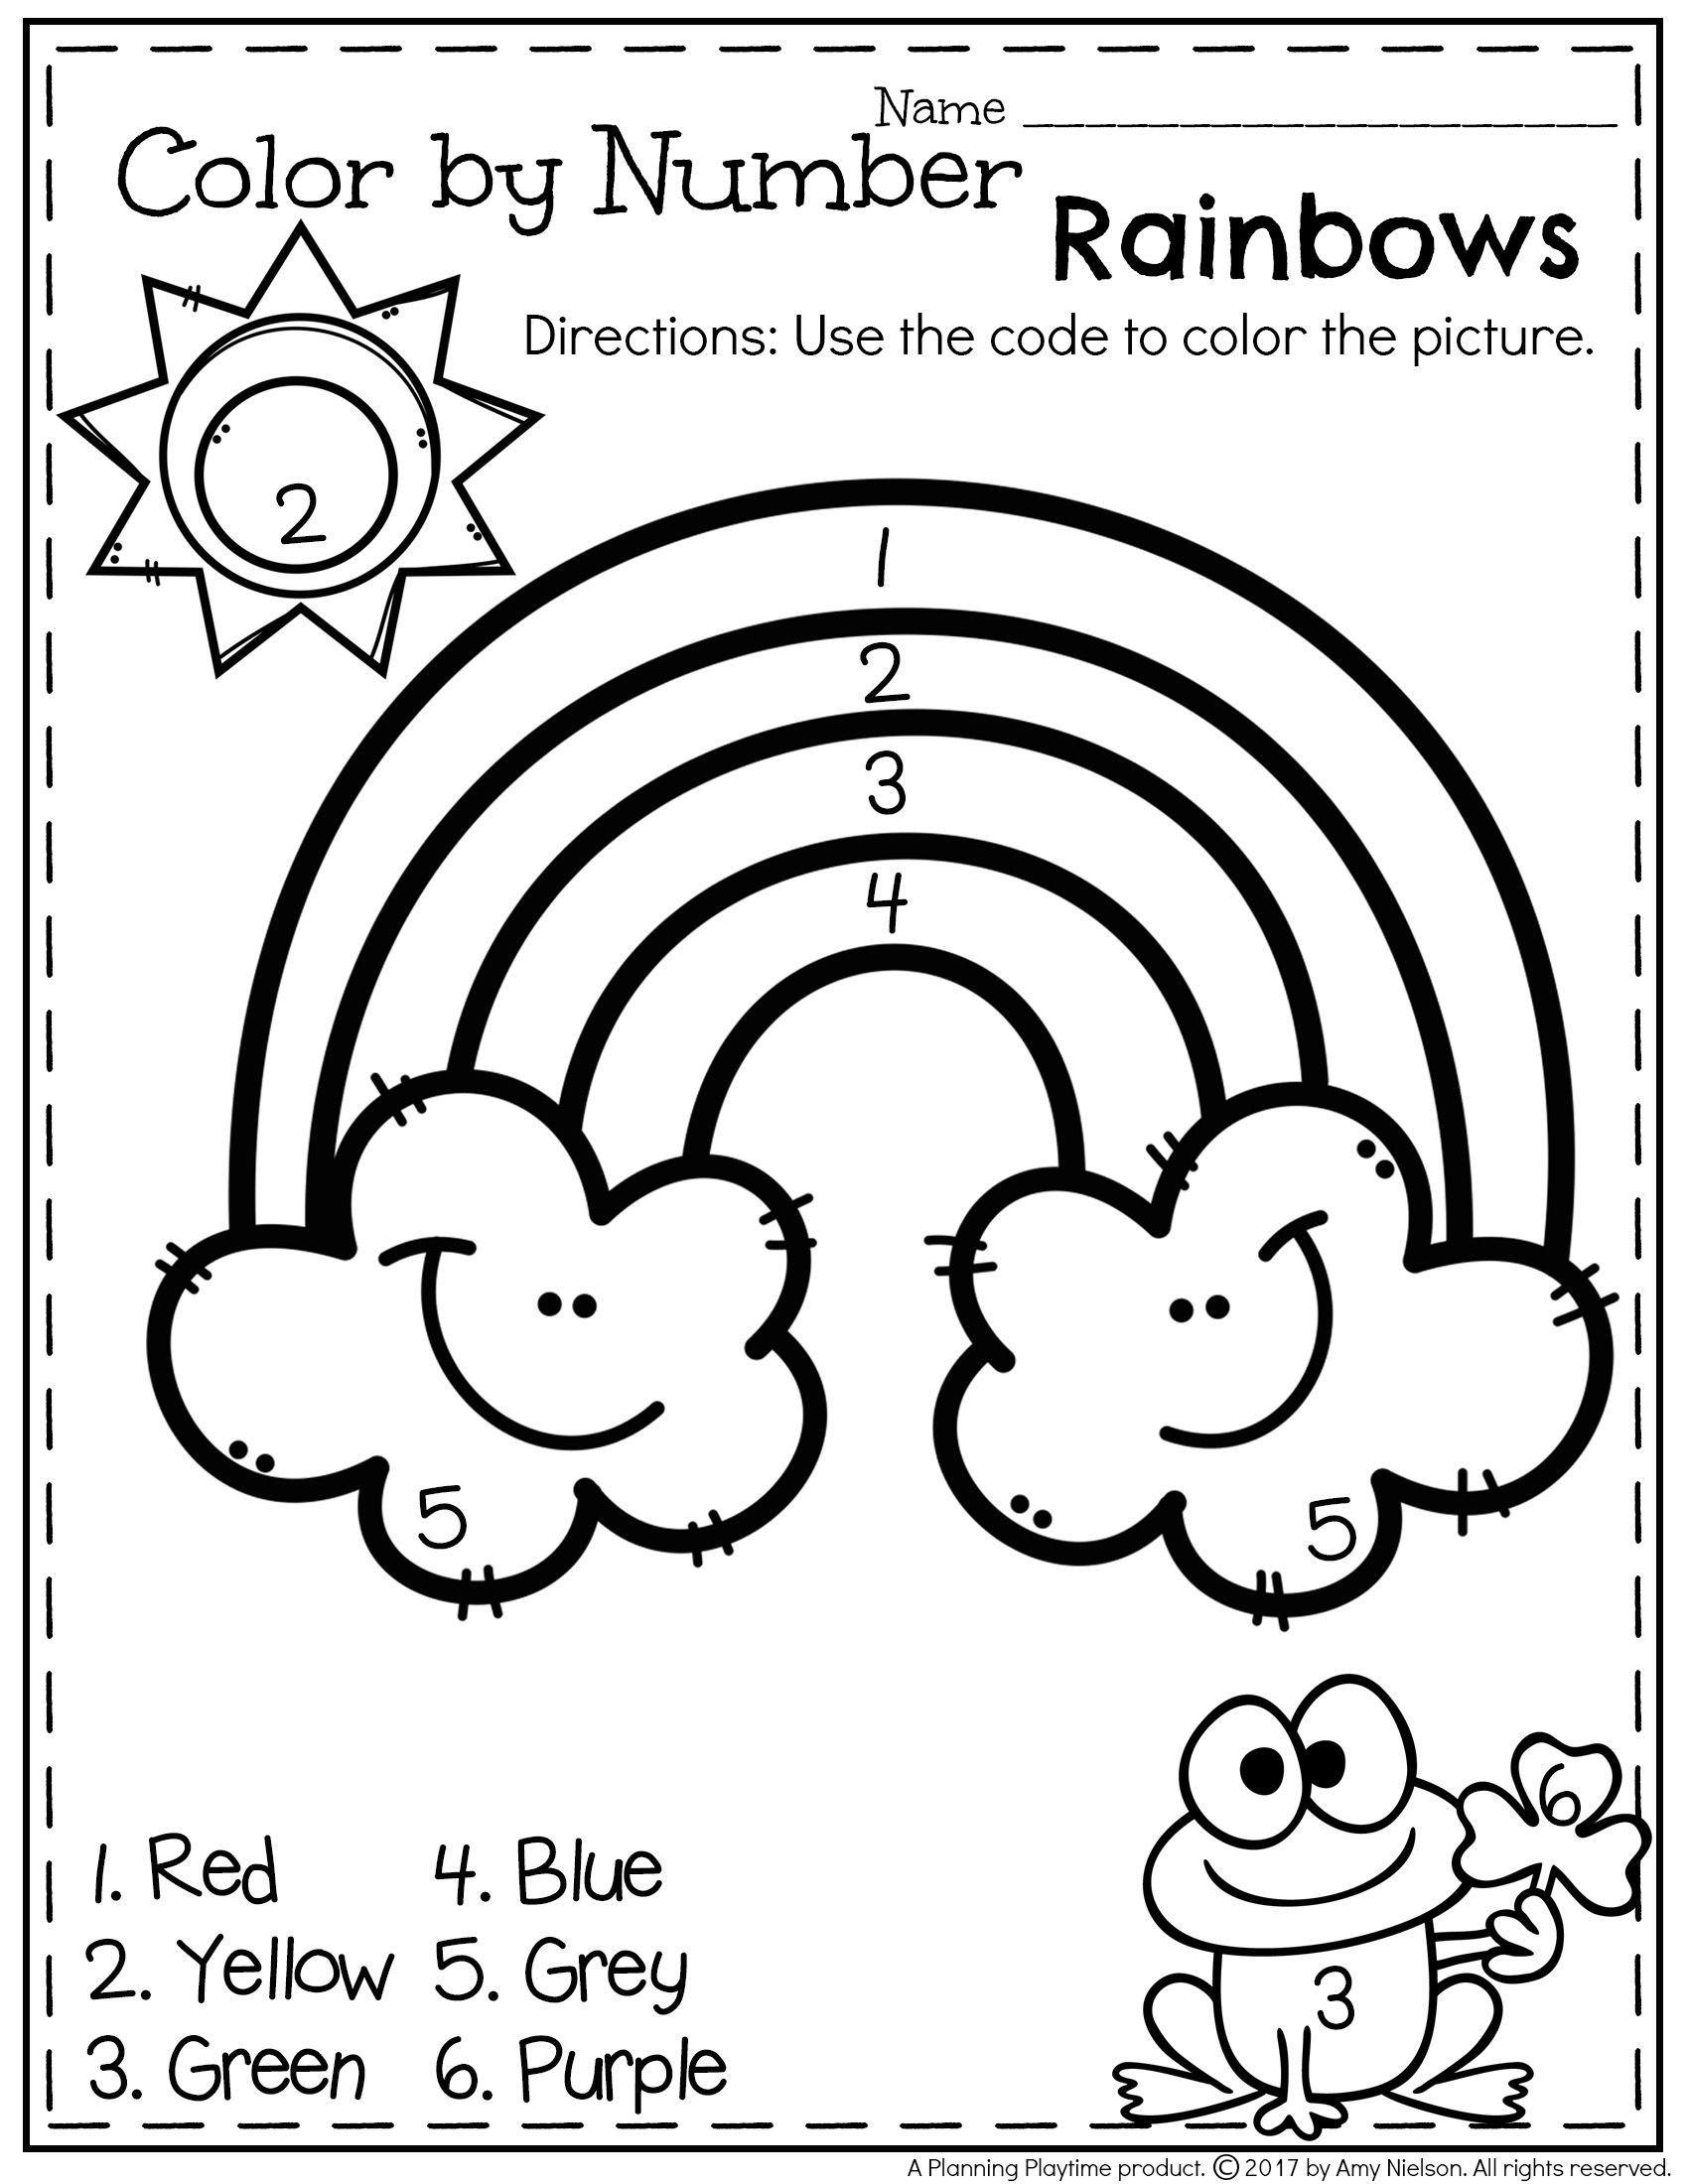 4 Color By Number Spring Worksheet For Kids Free Preschool Worksheets March Preschool Worksheets Color Worksheets For Preschool [ 2200 x 1700 Pixel ]